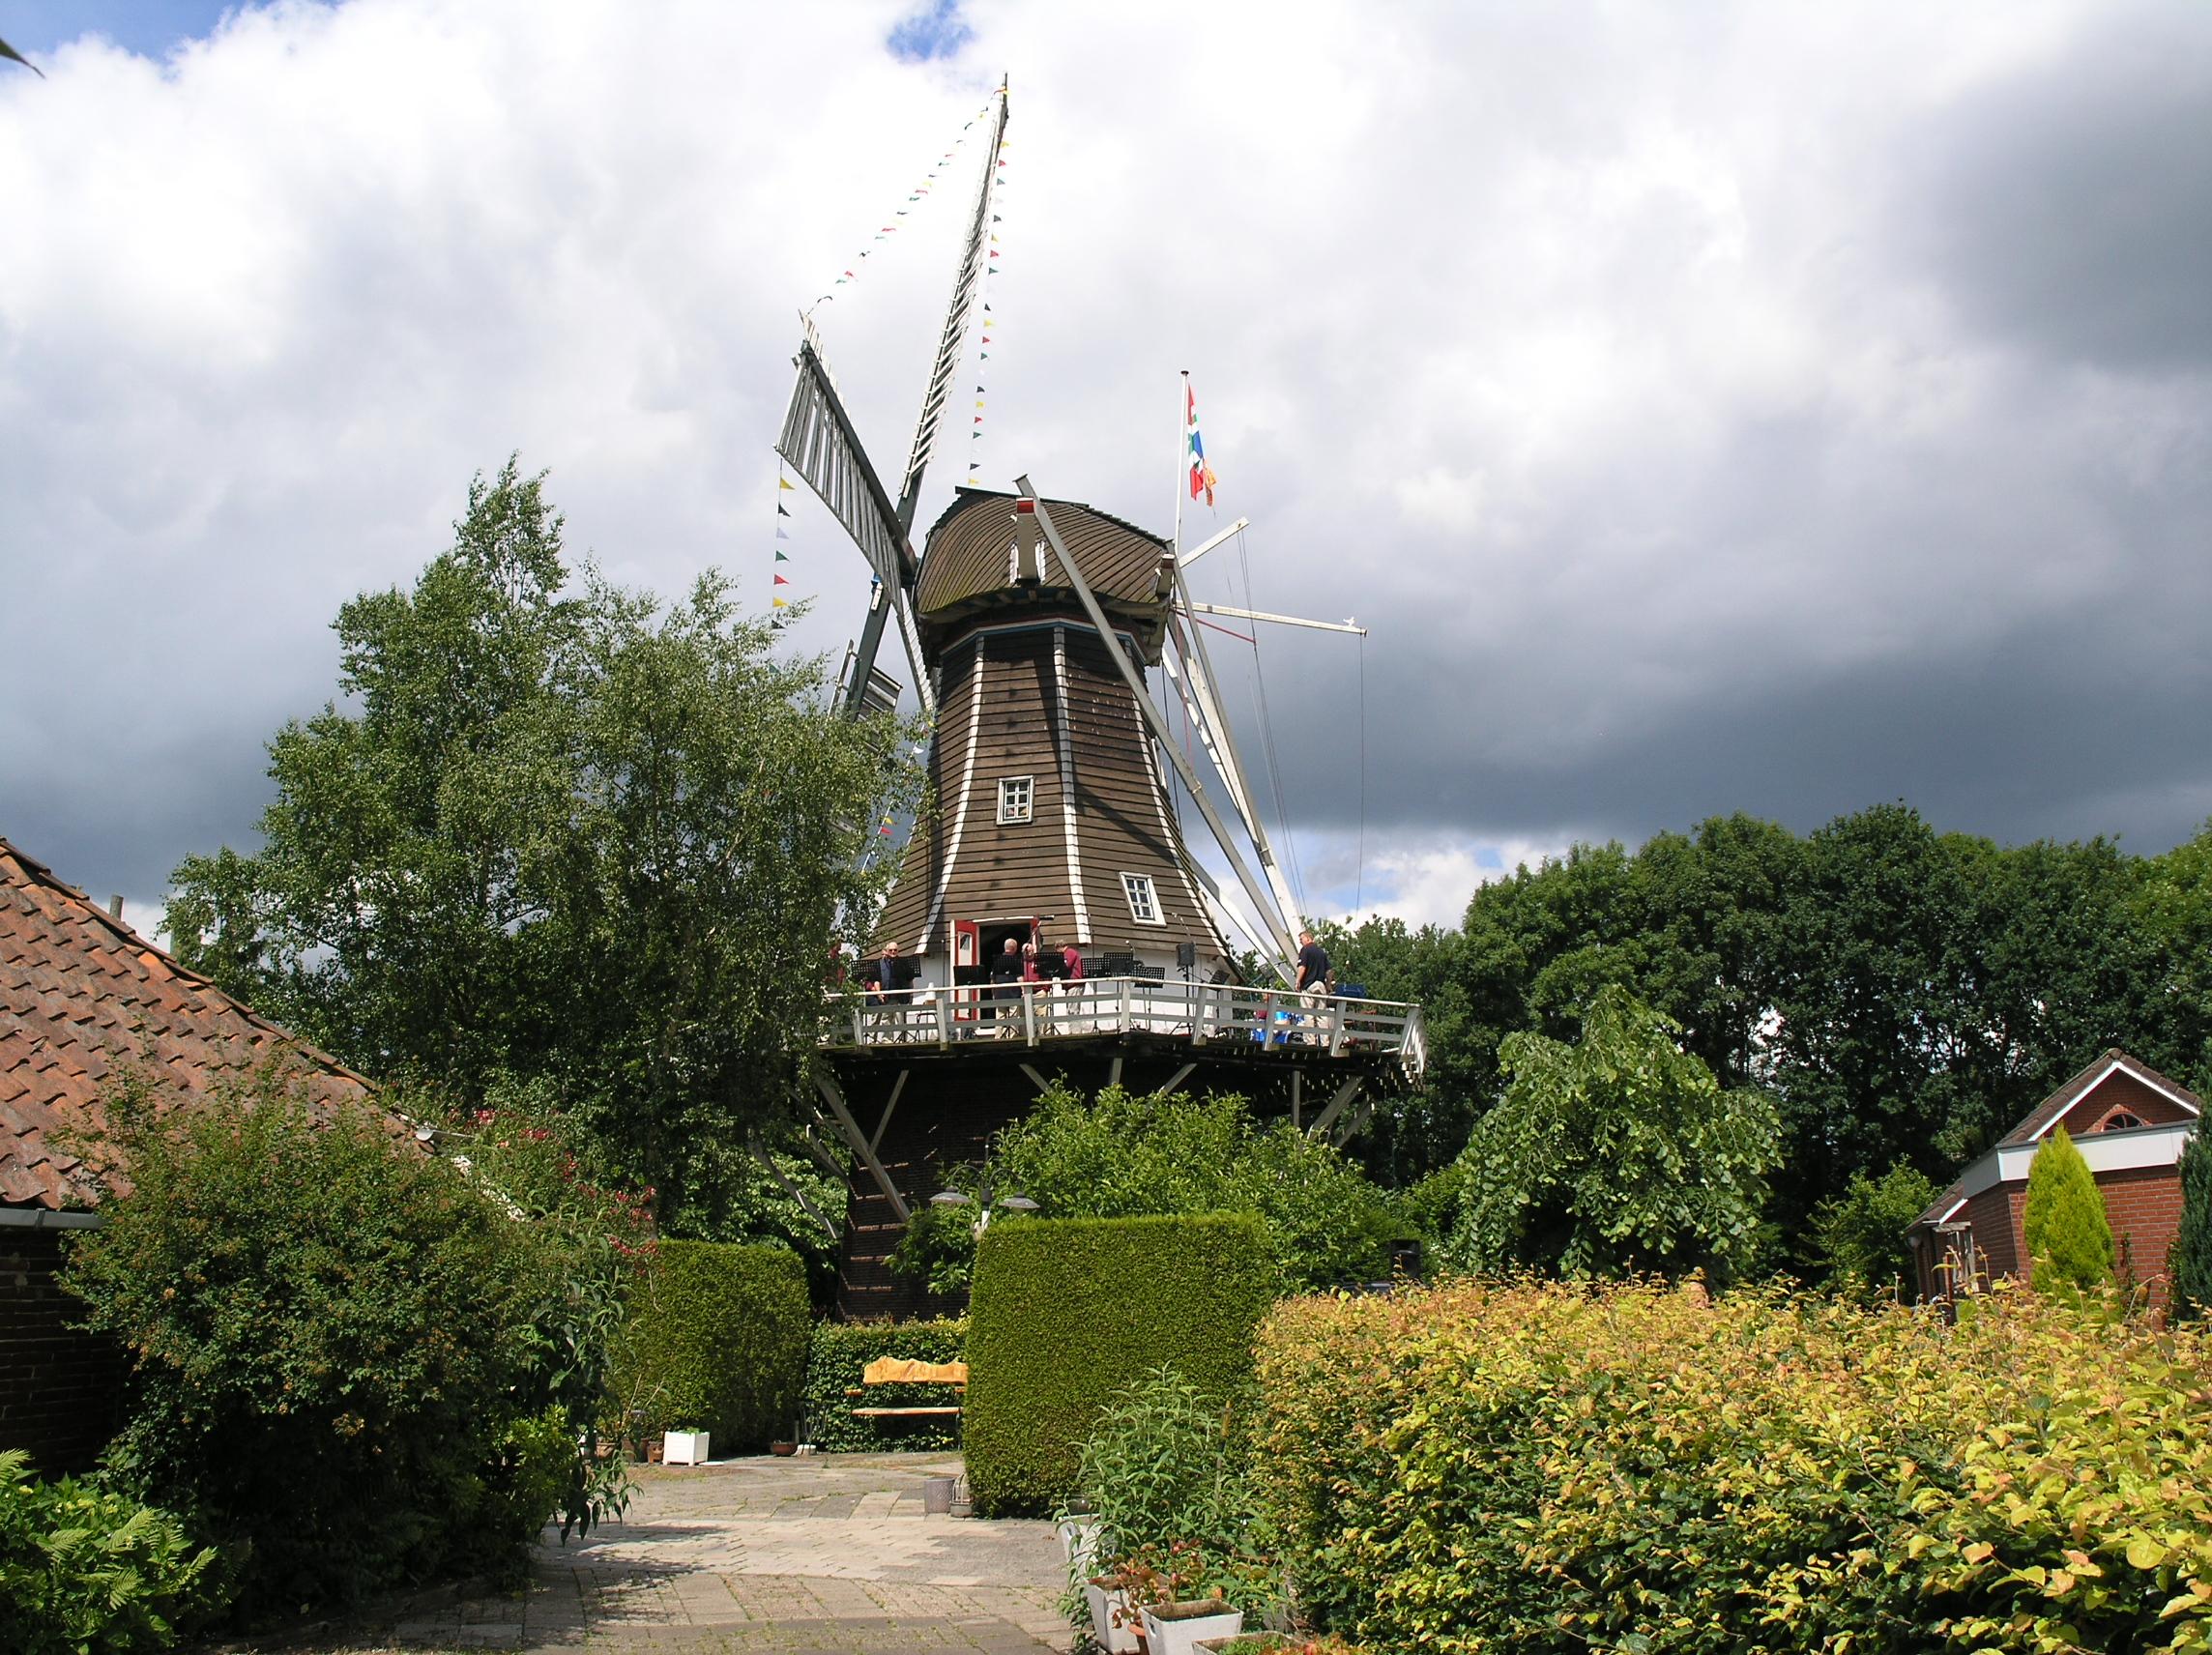 Stel's Meuln in Harkstede | Monument - Rijksmonumenten.nl